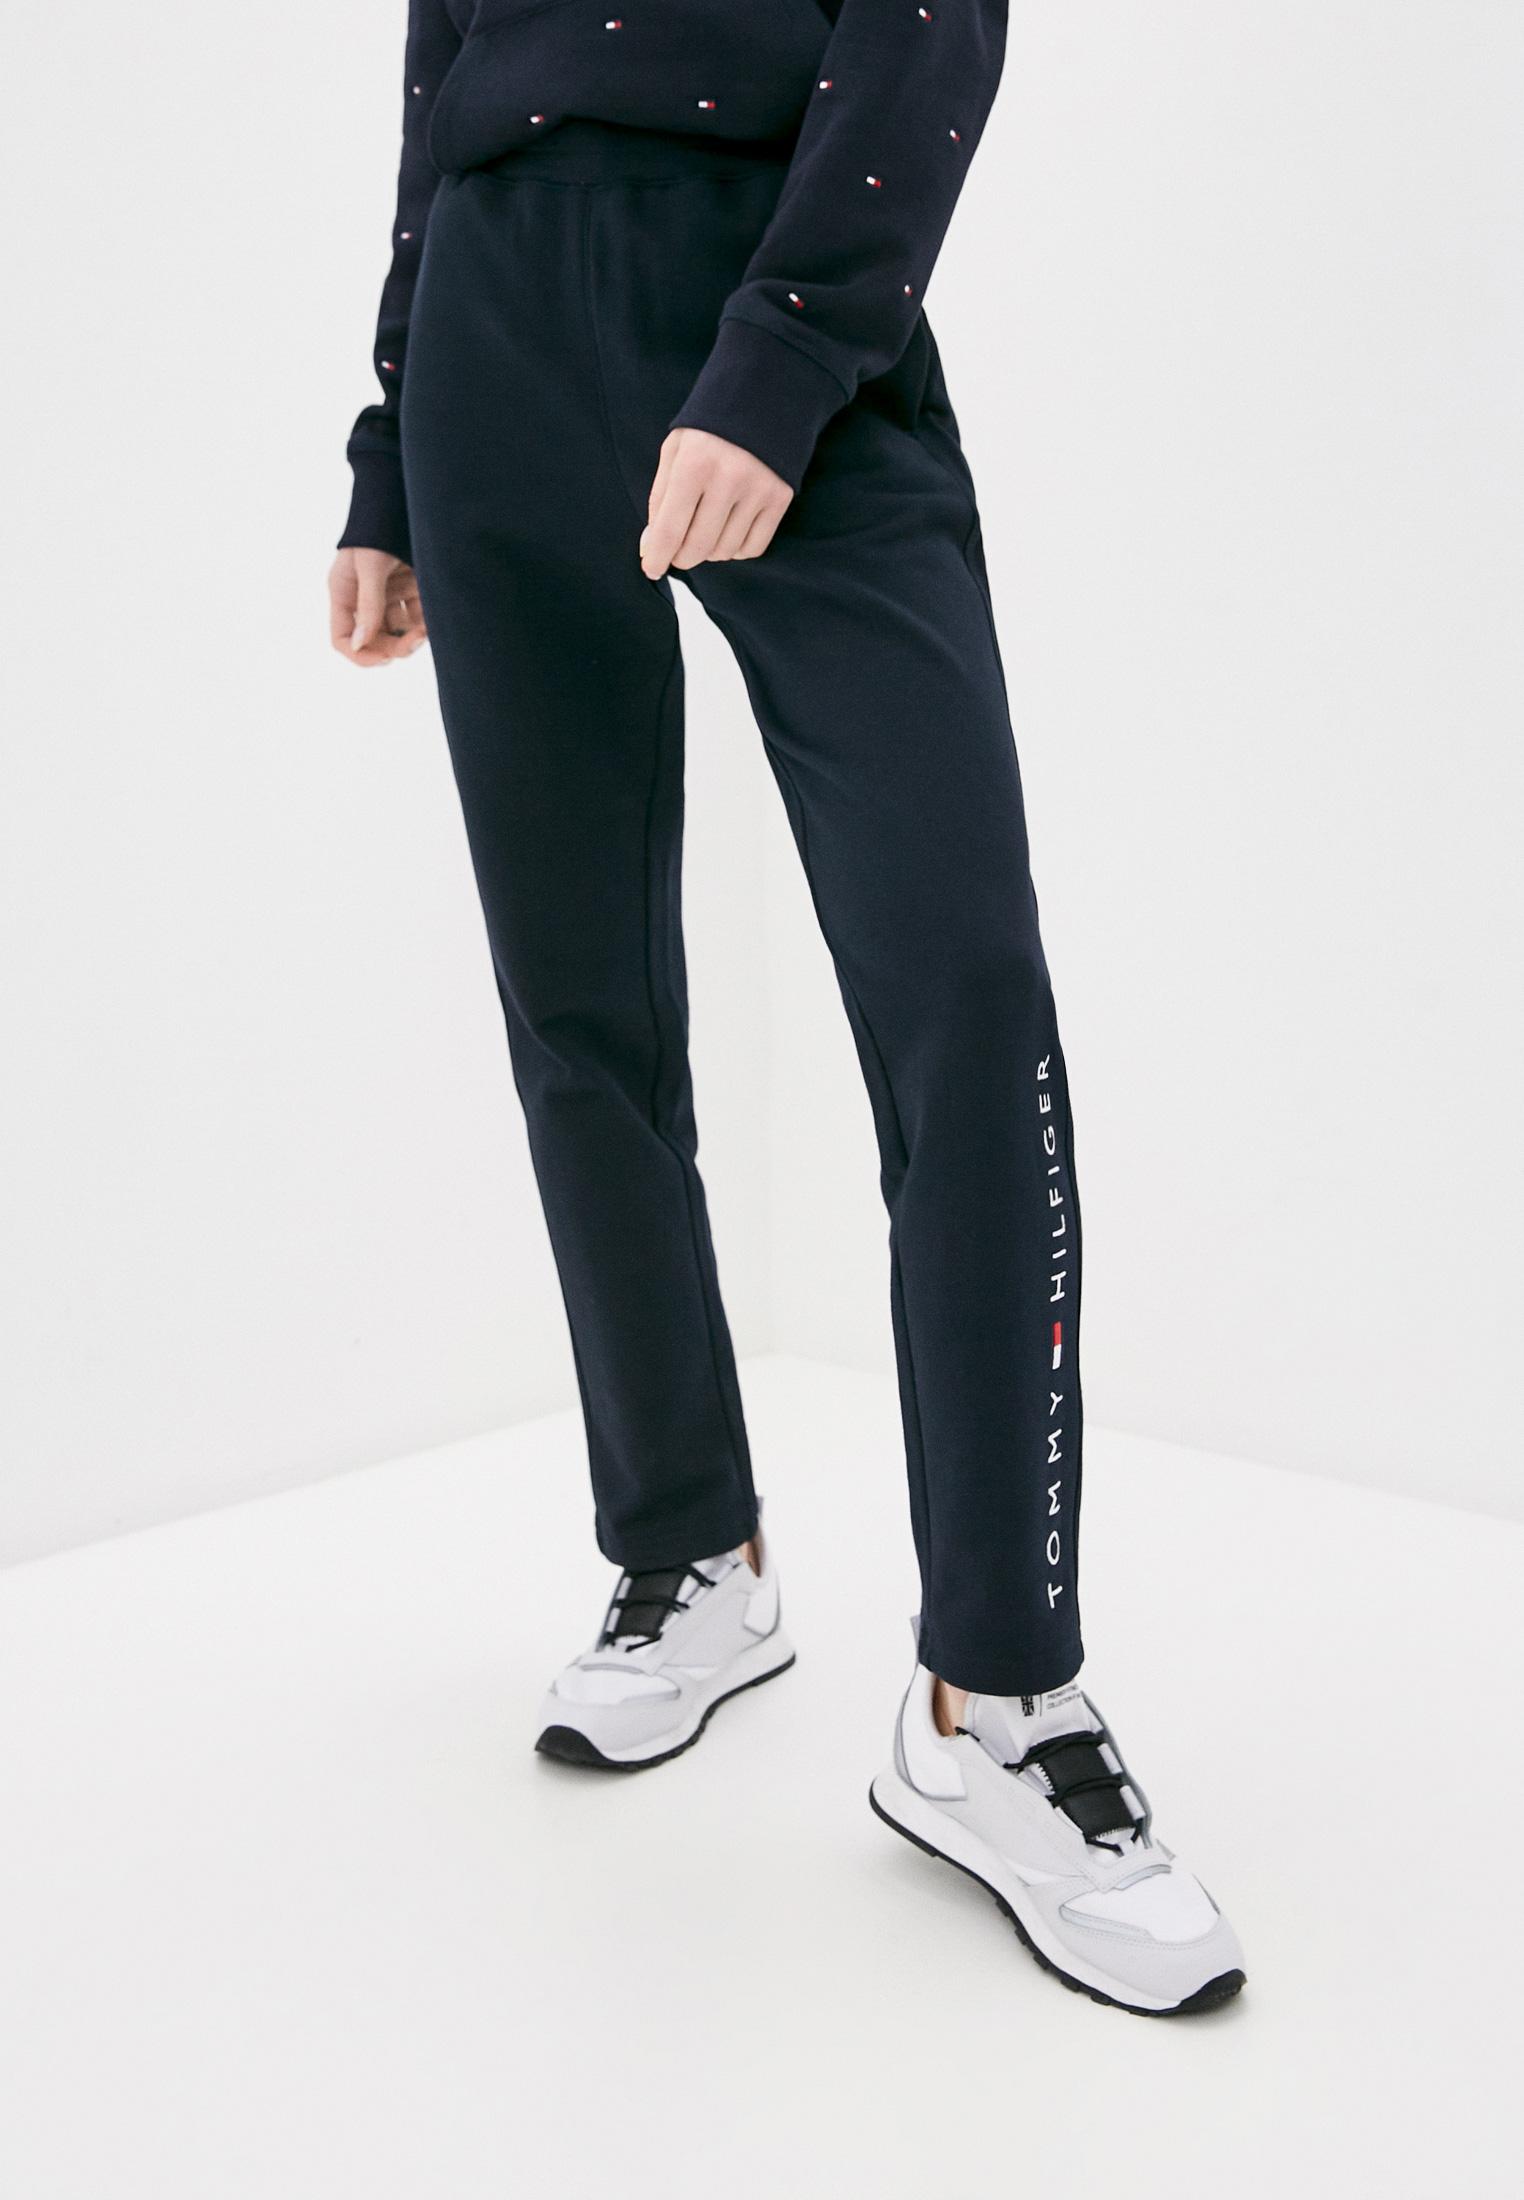 Женские спортивные брюки Tommy Hilfiger (Томми Хилфигер) WW0WW31276